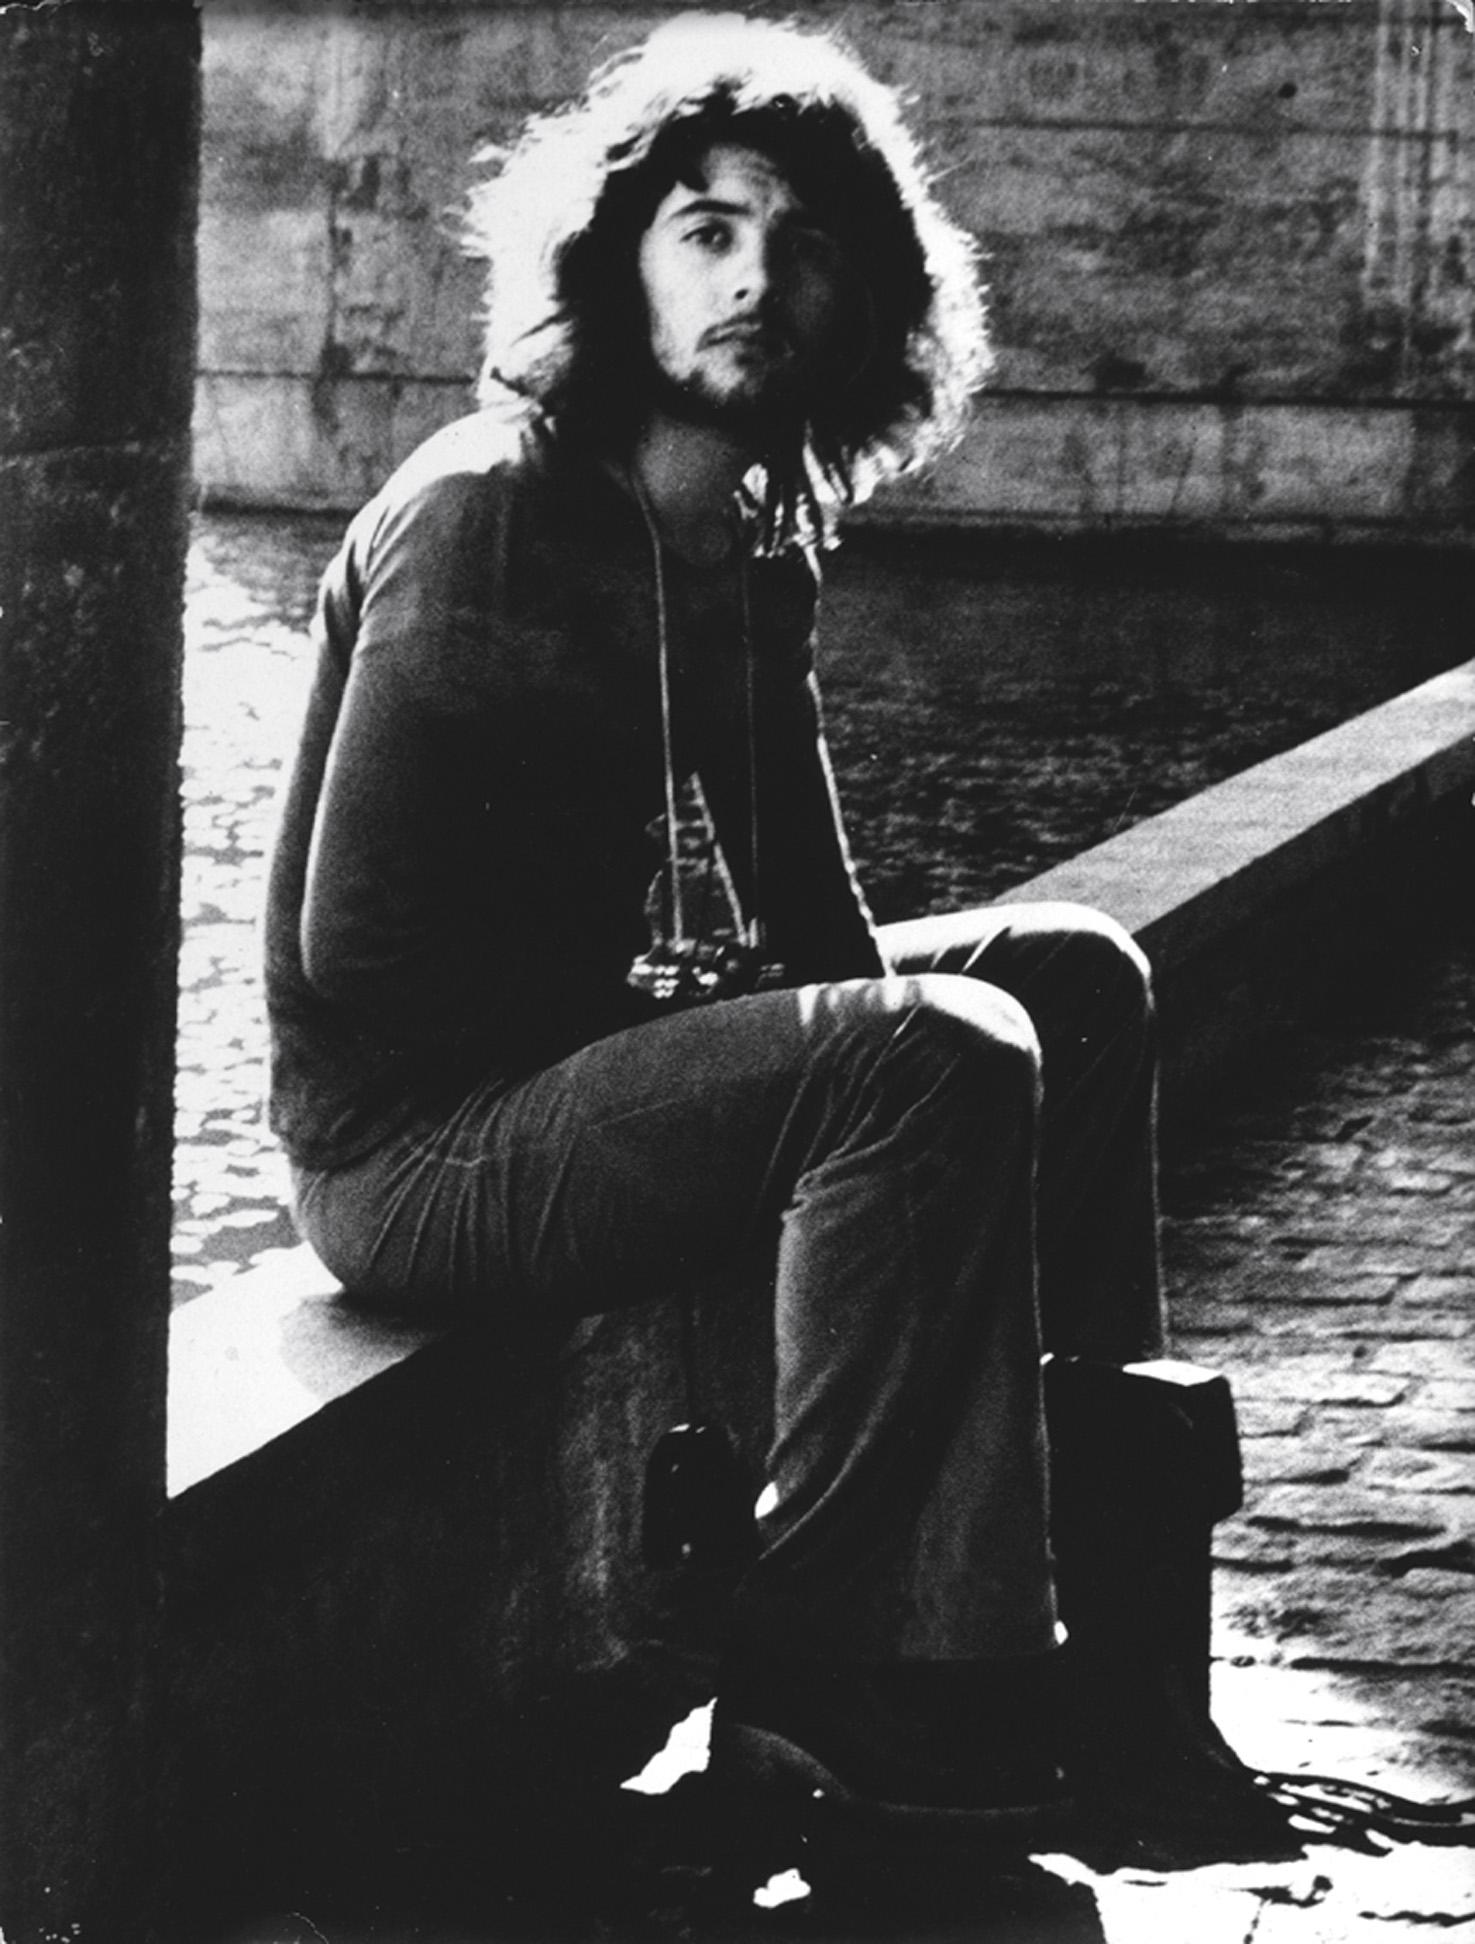 Nos anos 70, recém-chegado em São Paulo, na época em que era assistente do fotógrafo catalão Marcel Giró